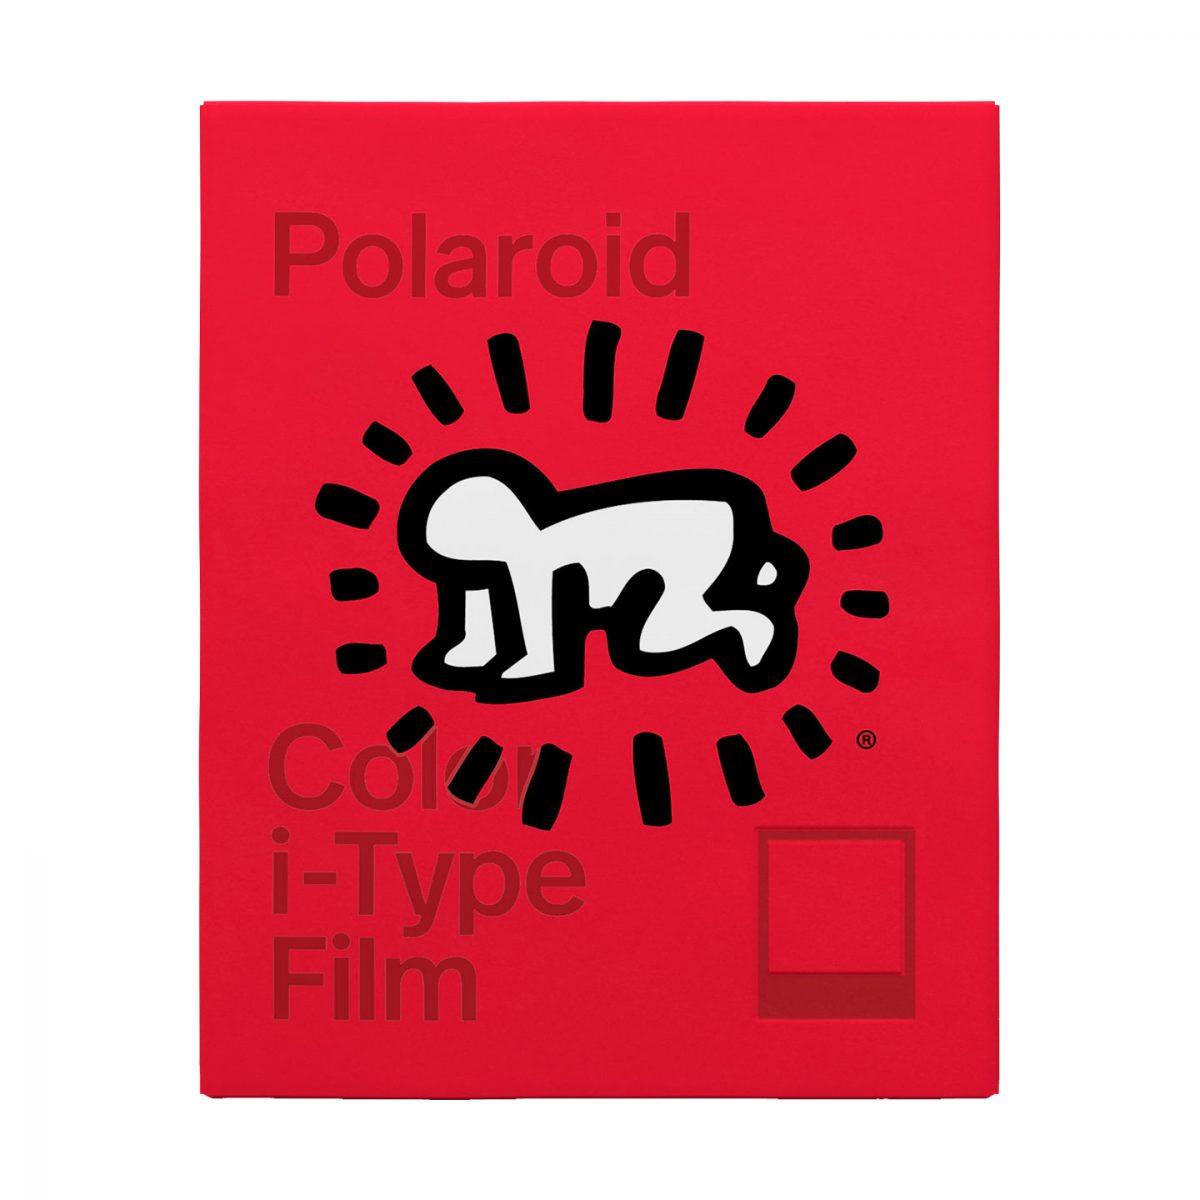 polaroid_i_type_color_film_keithharing_02